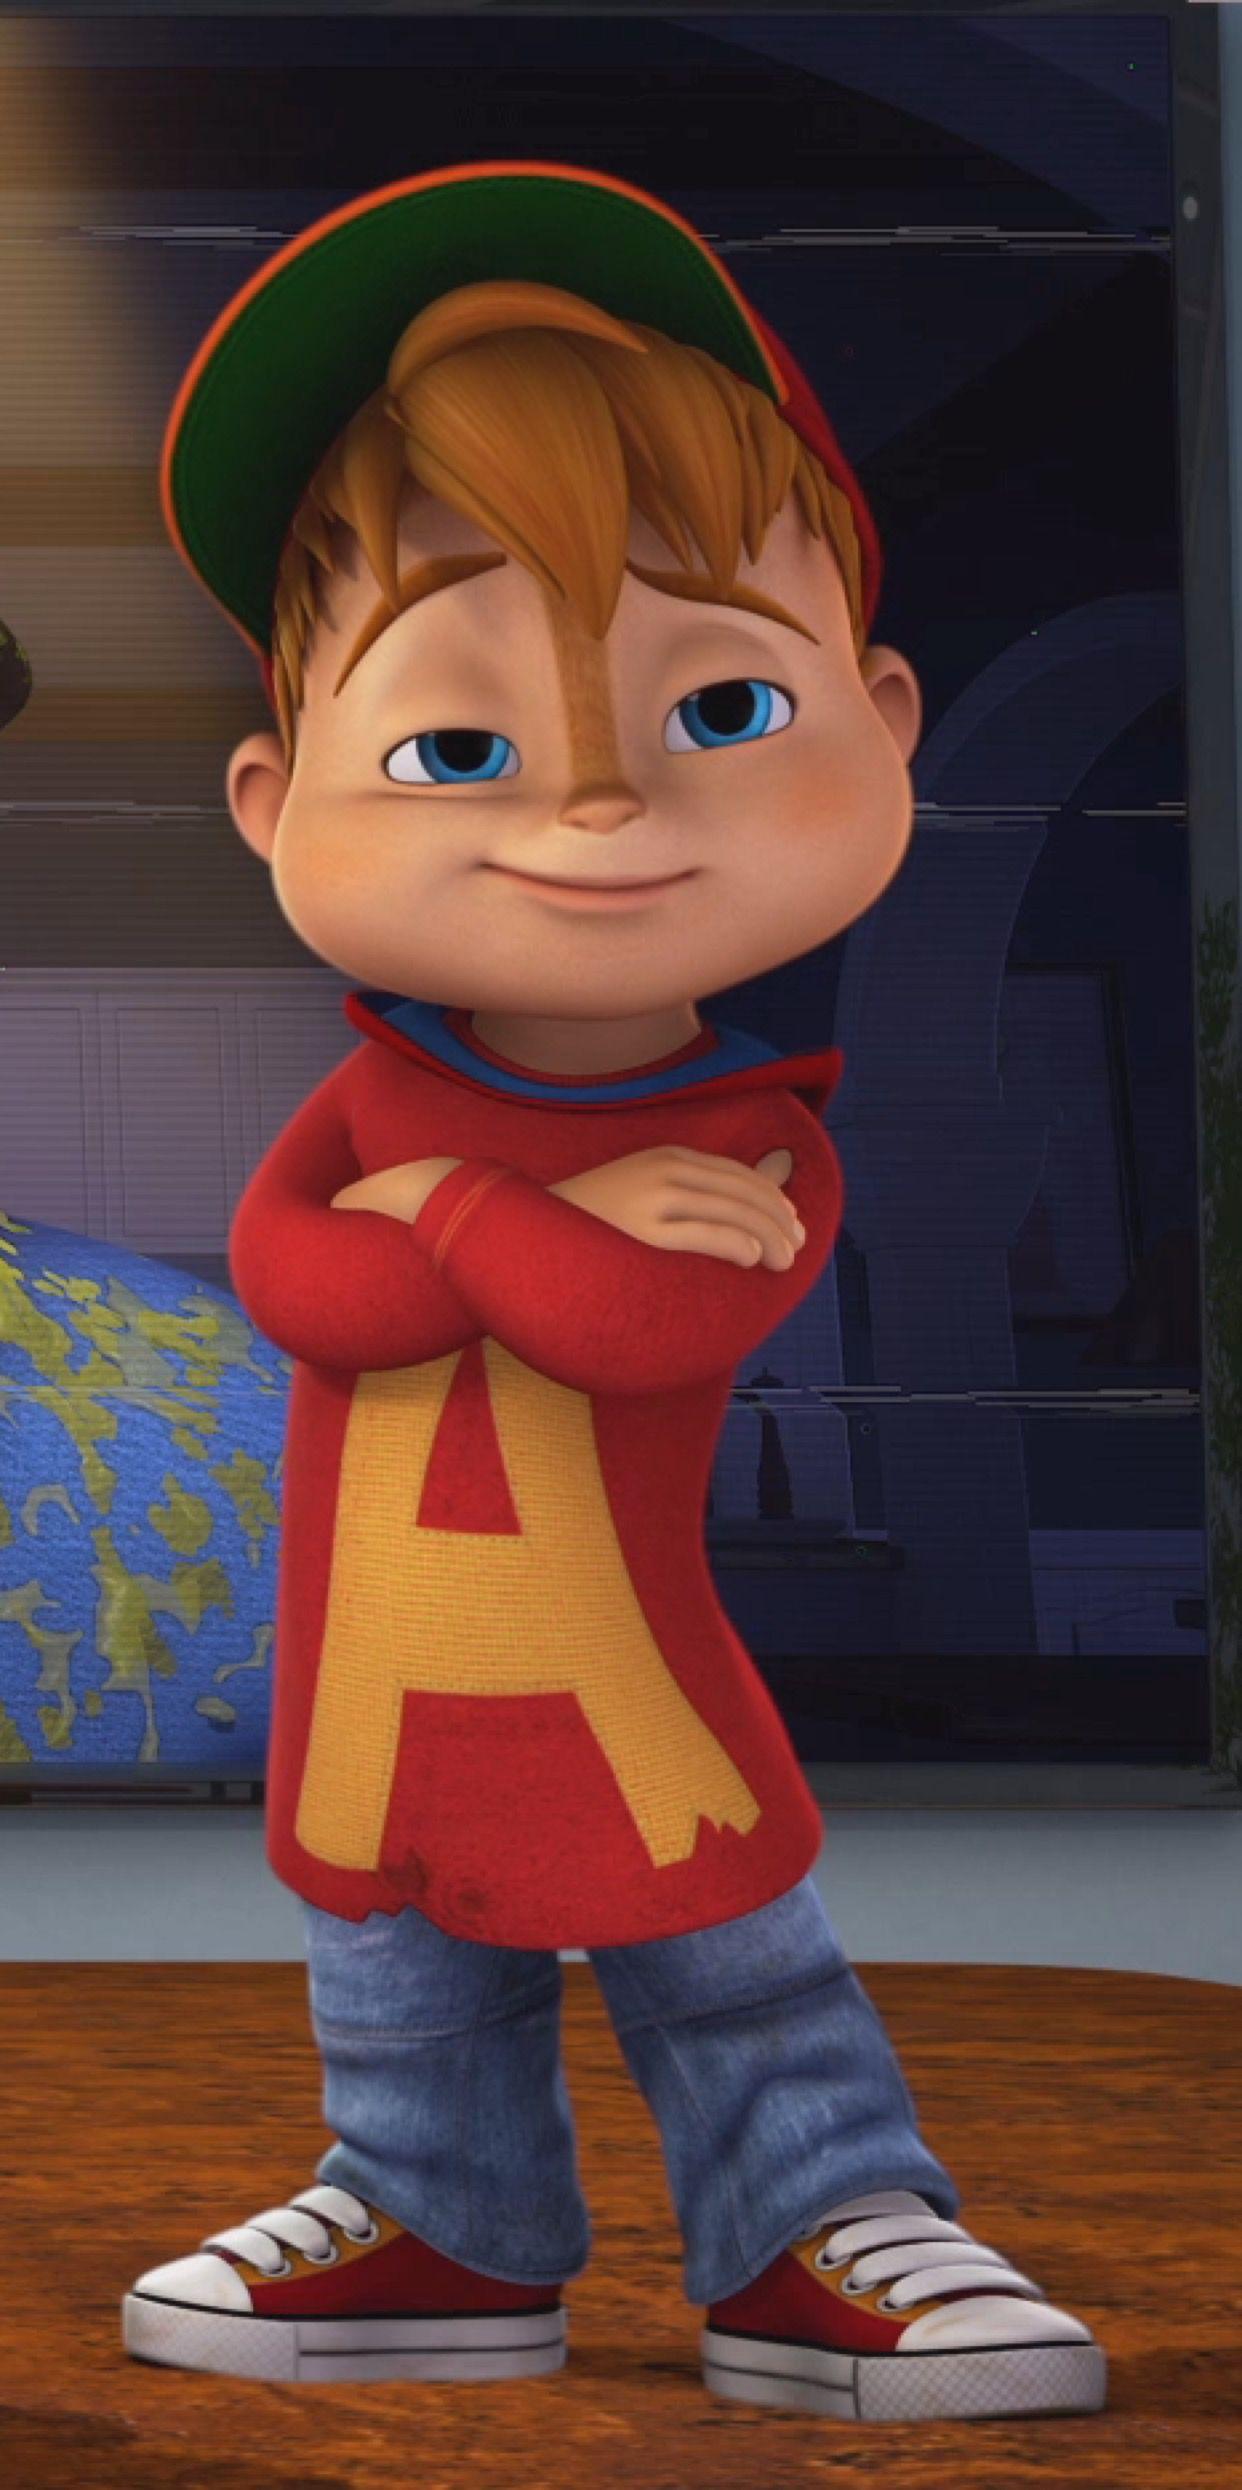 ALVINNN AND THE CHIPMUNKS | Alvin and the Chipmunks | Pinterest ...